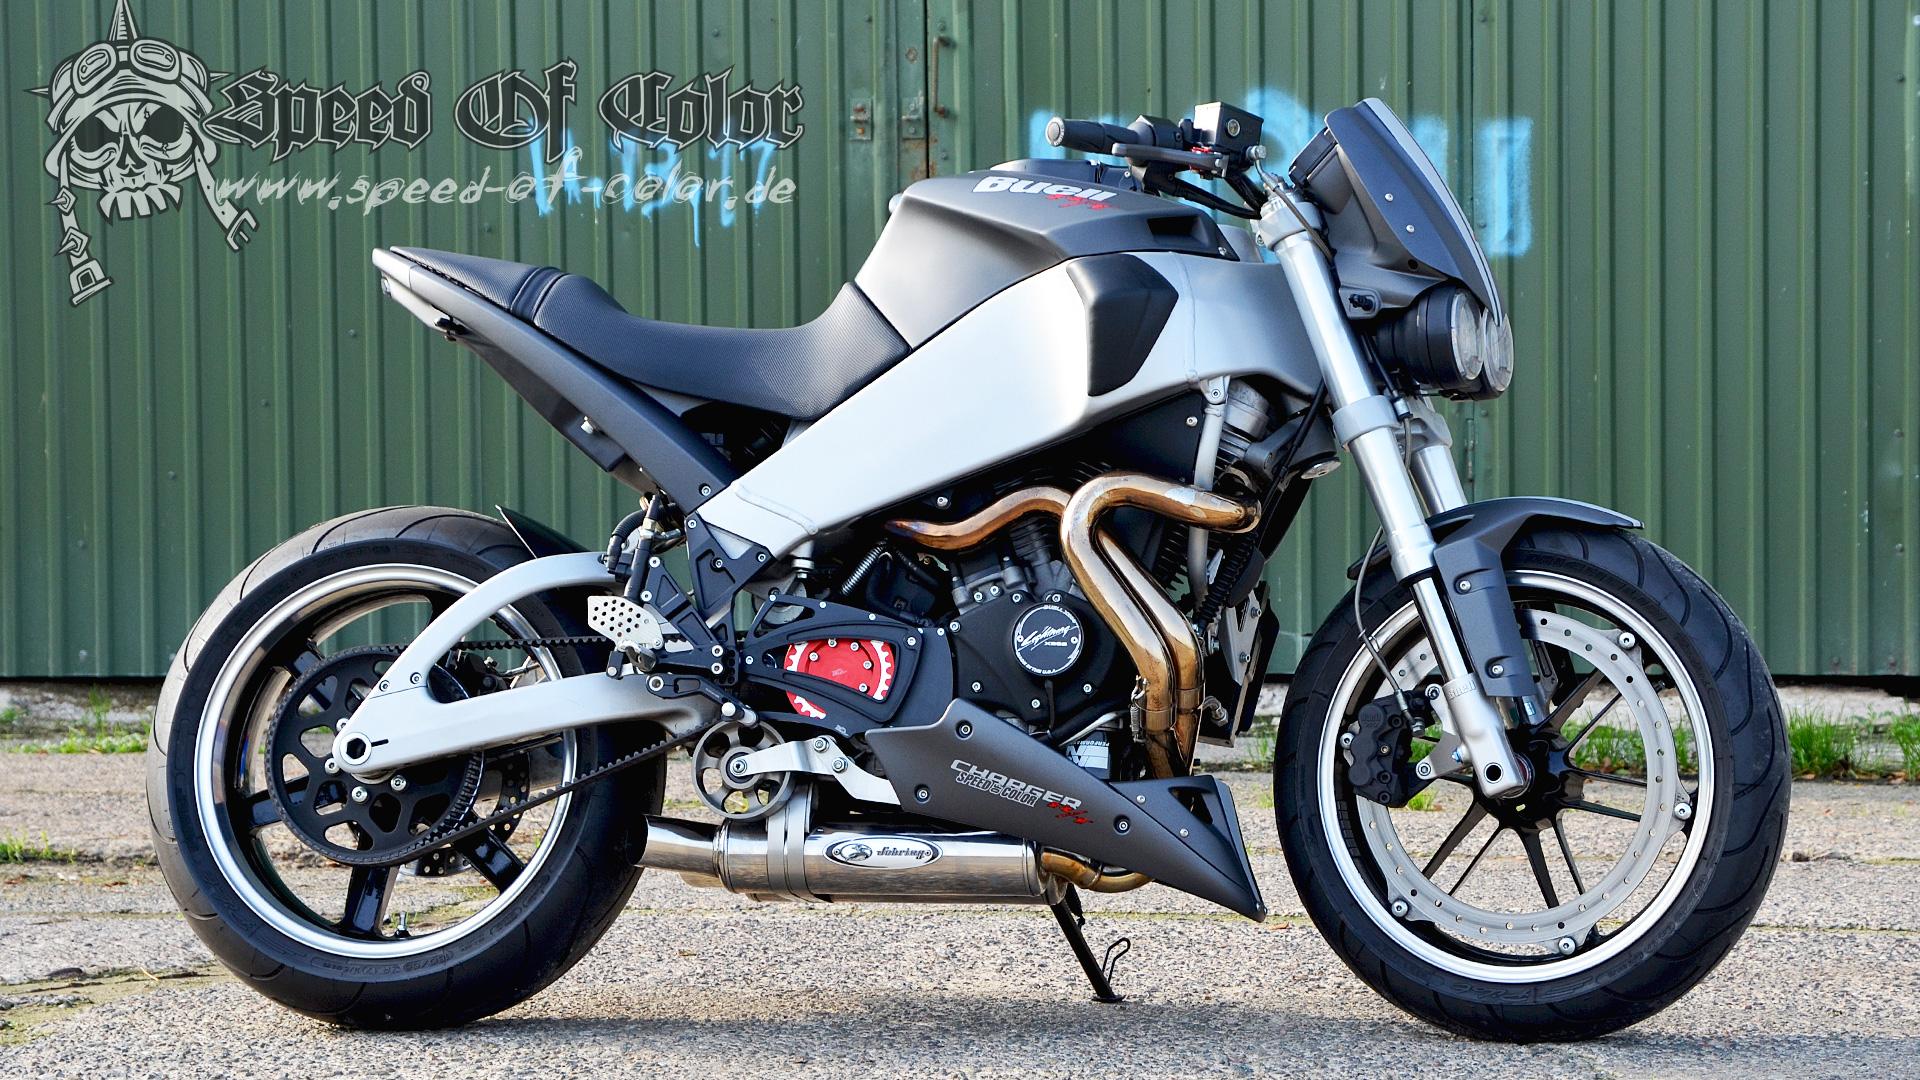 Harley Davidson Sportster Headlight Cover